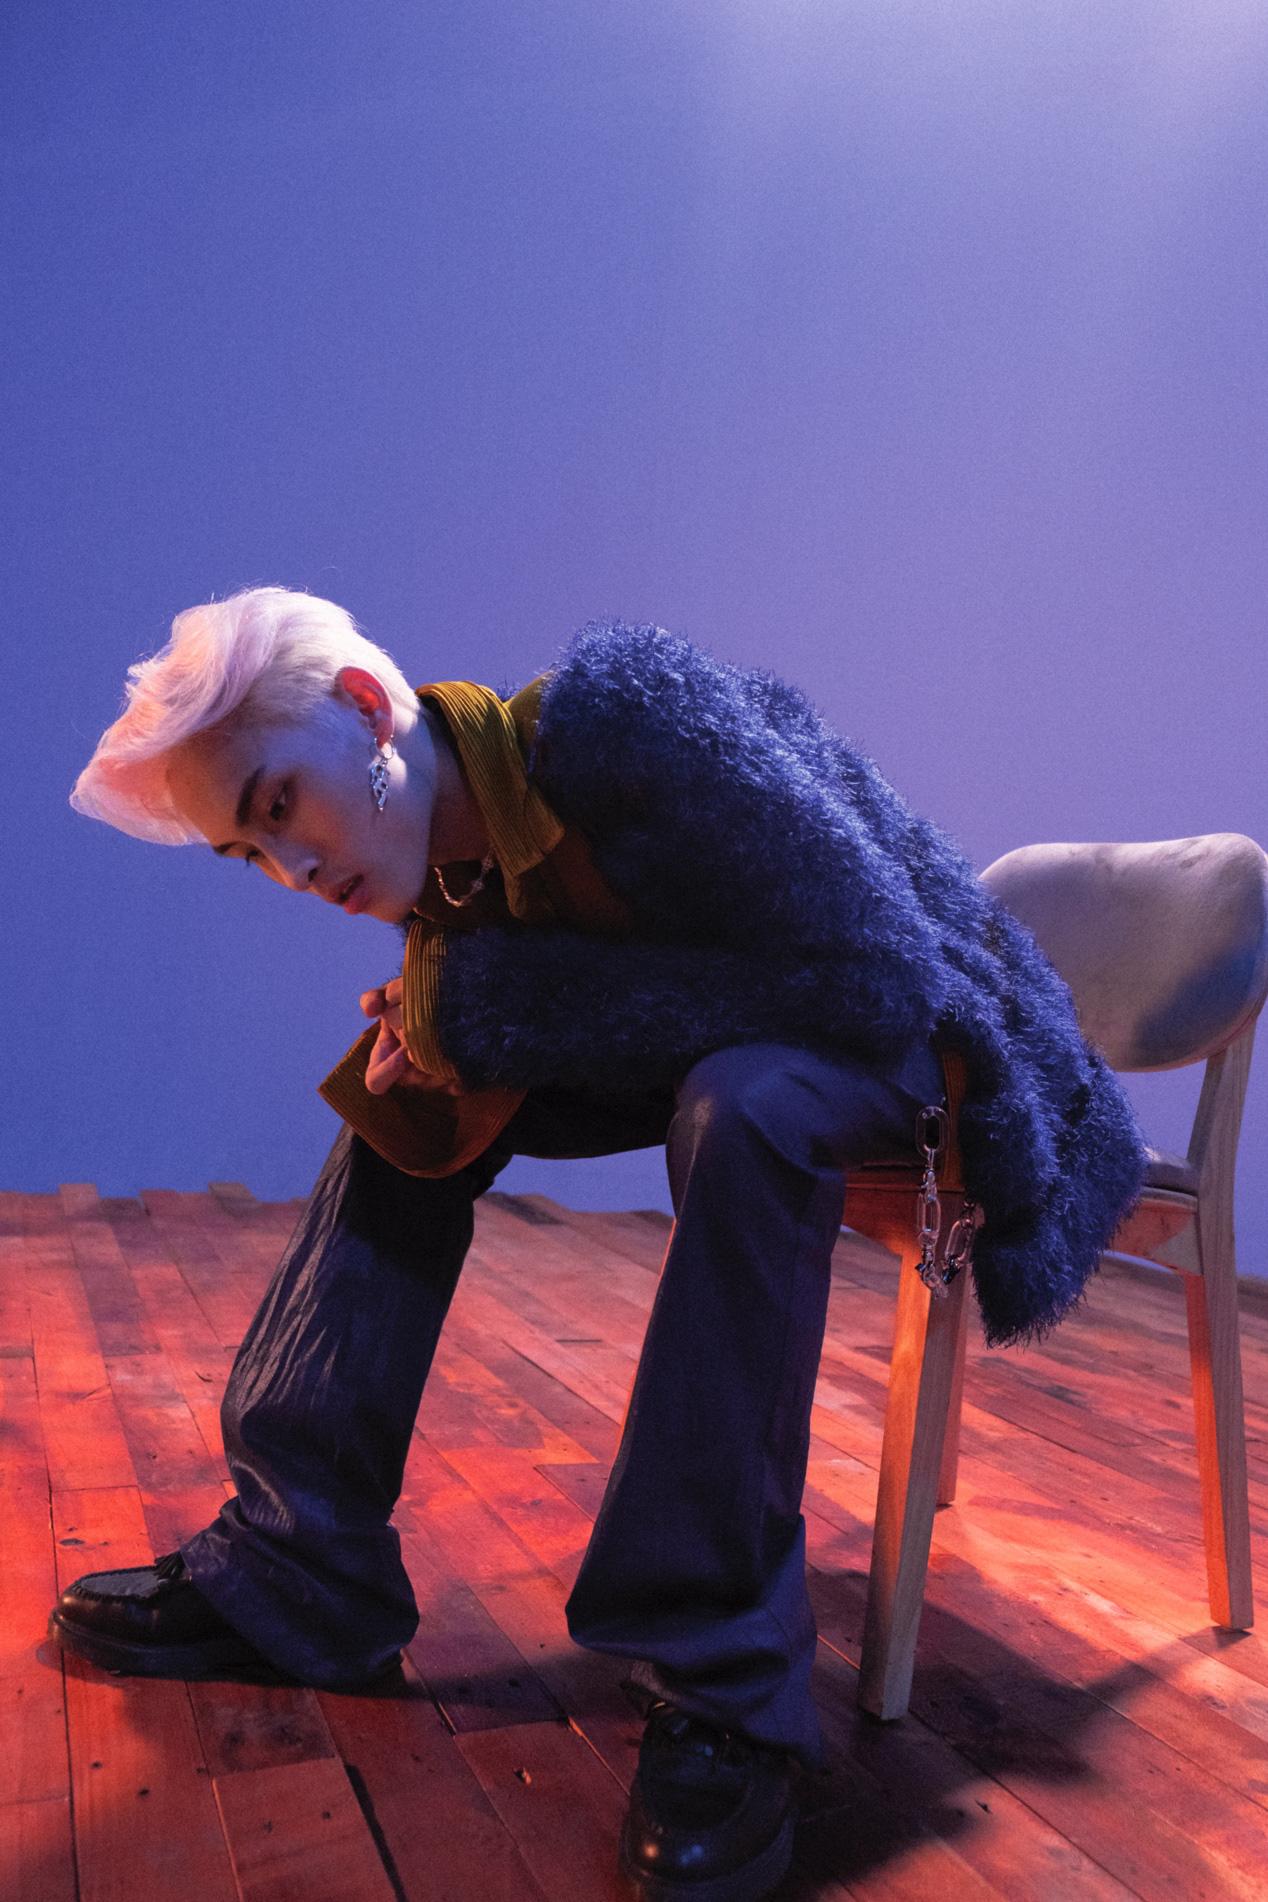 Wren Evans kể tình yêu Gen Z thời hiện đại trong MV mới - Ảnh 4.